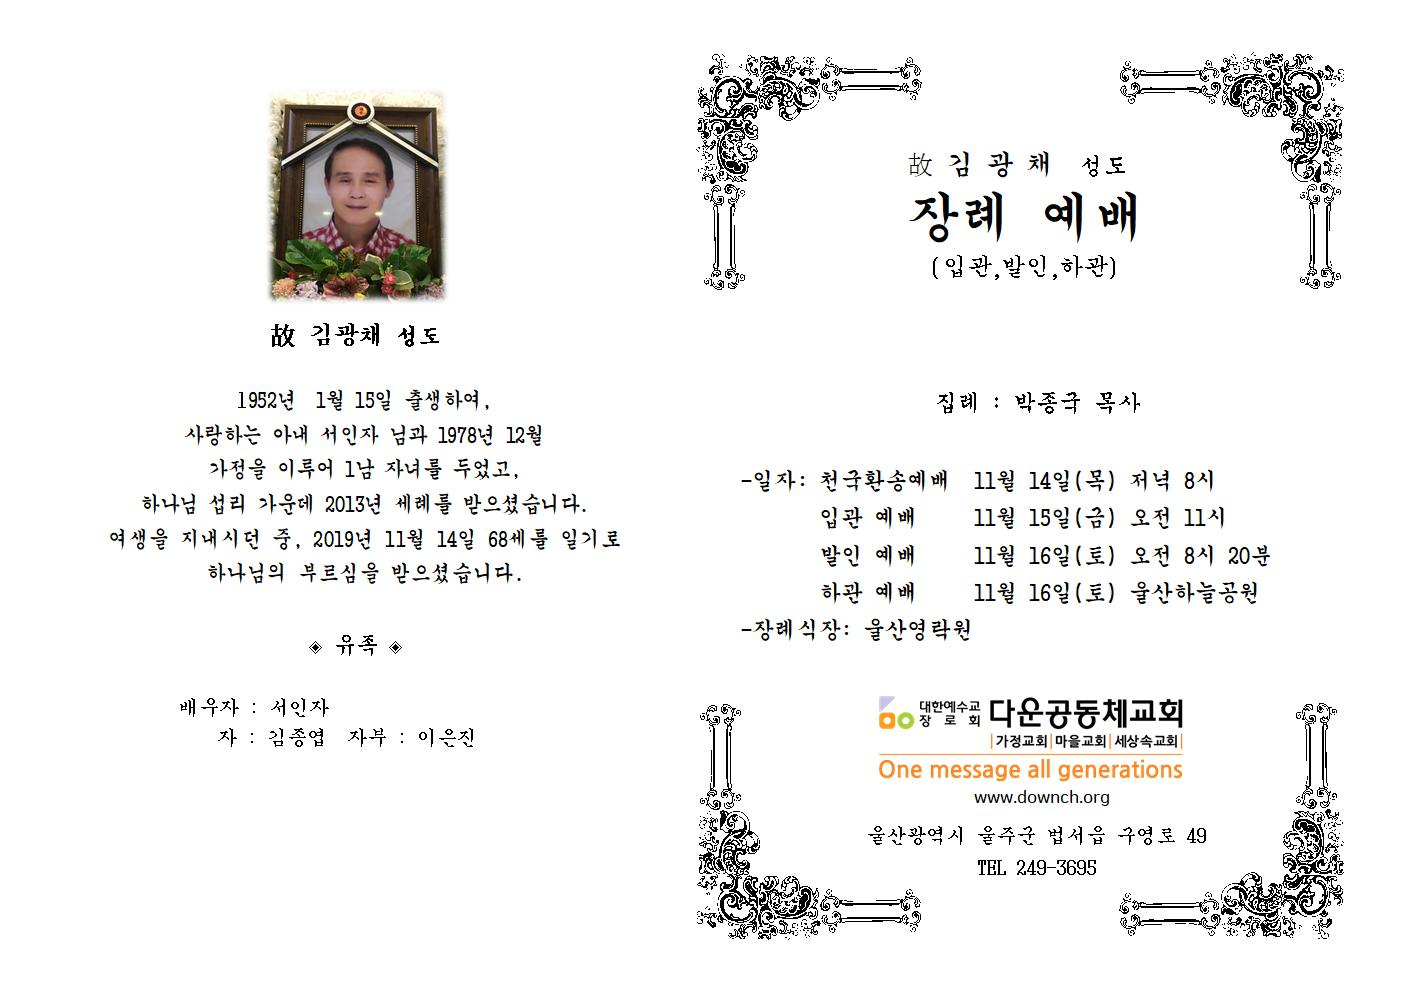 김광채성도(김종엽형제부친) 천국환송예배001.jpg